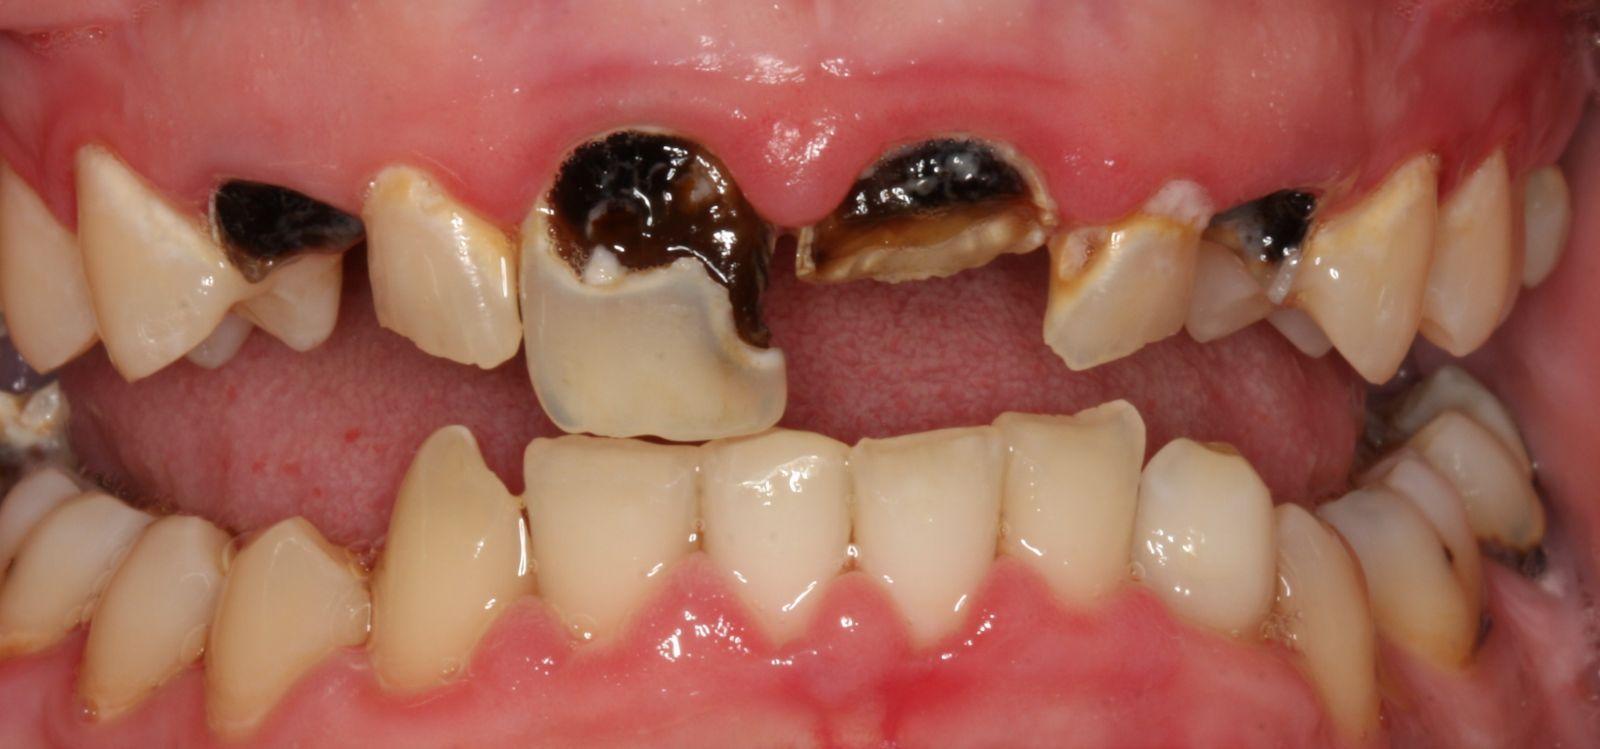 Tooth Decay, #caries rampante o #caries de biberón. No permitas que tu hijo vaya a la cama con un biberón de leche o infusión azucarada.